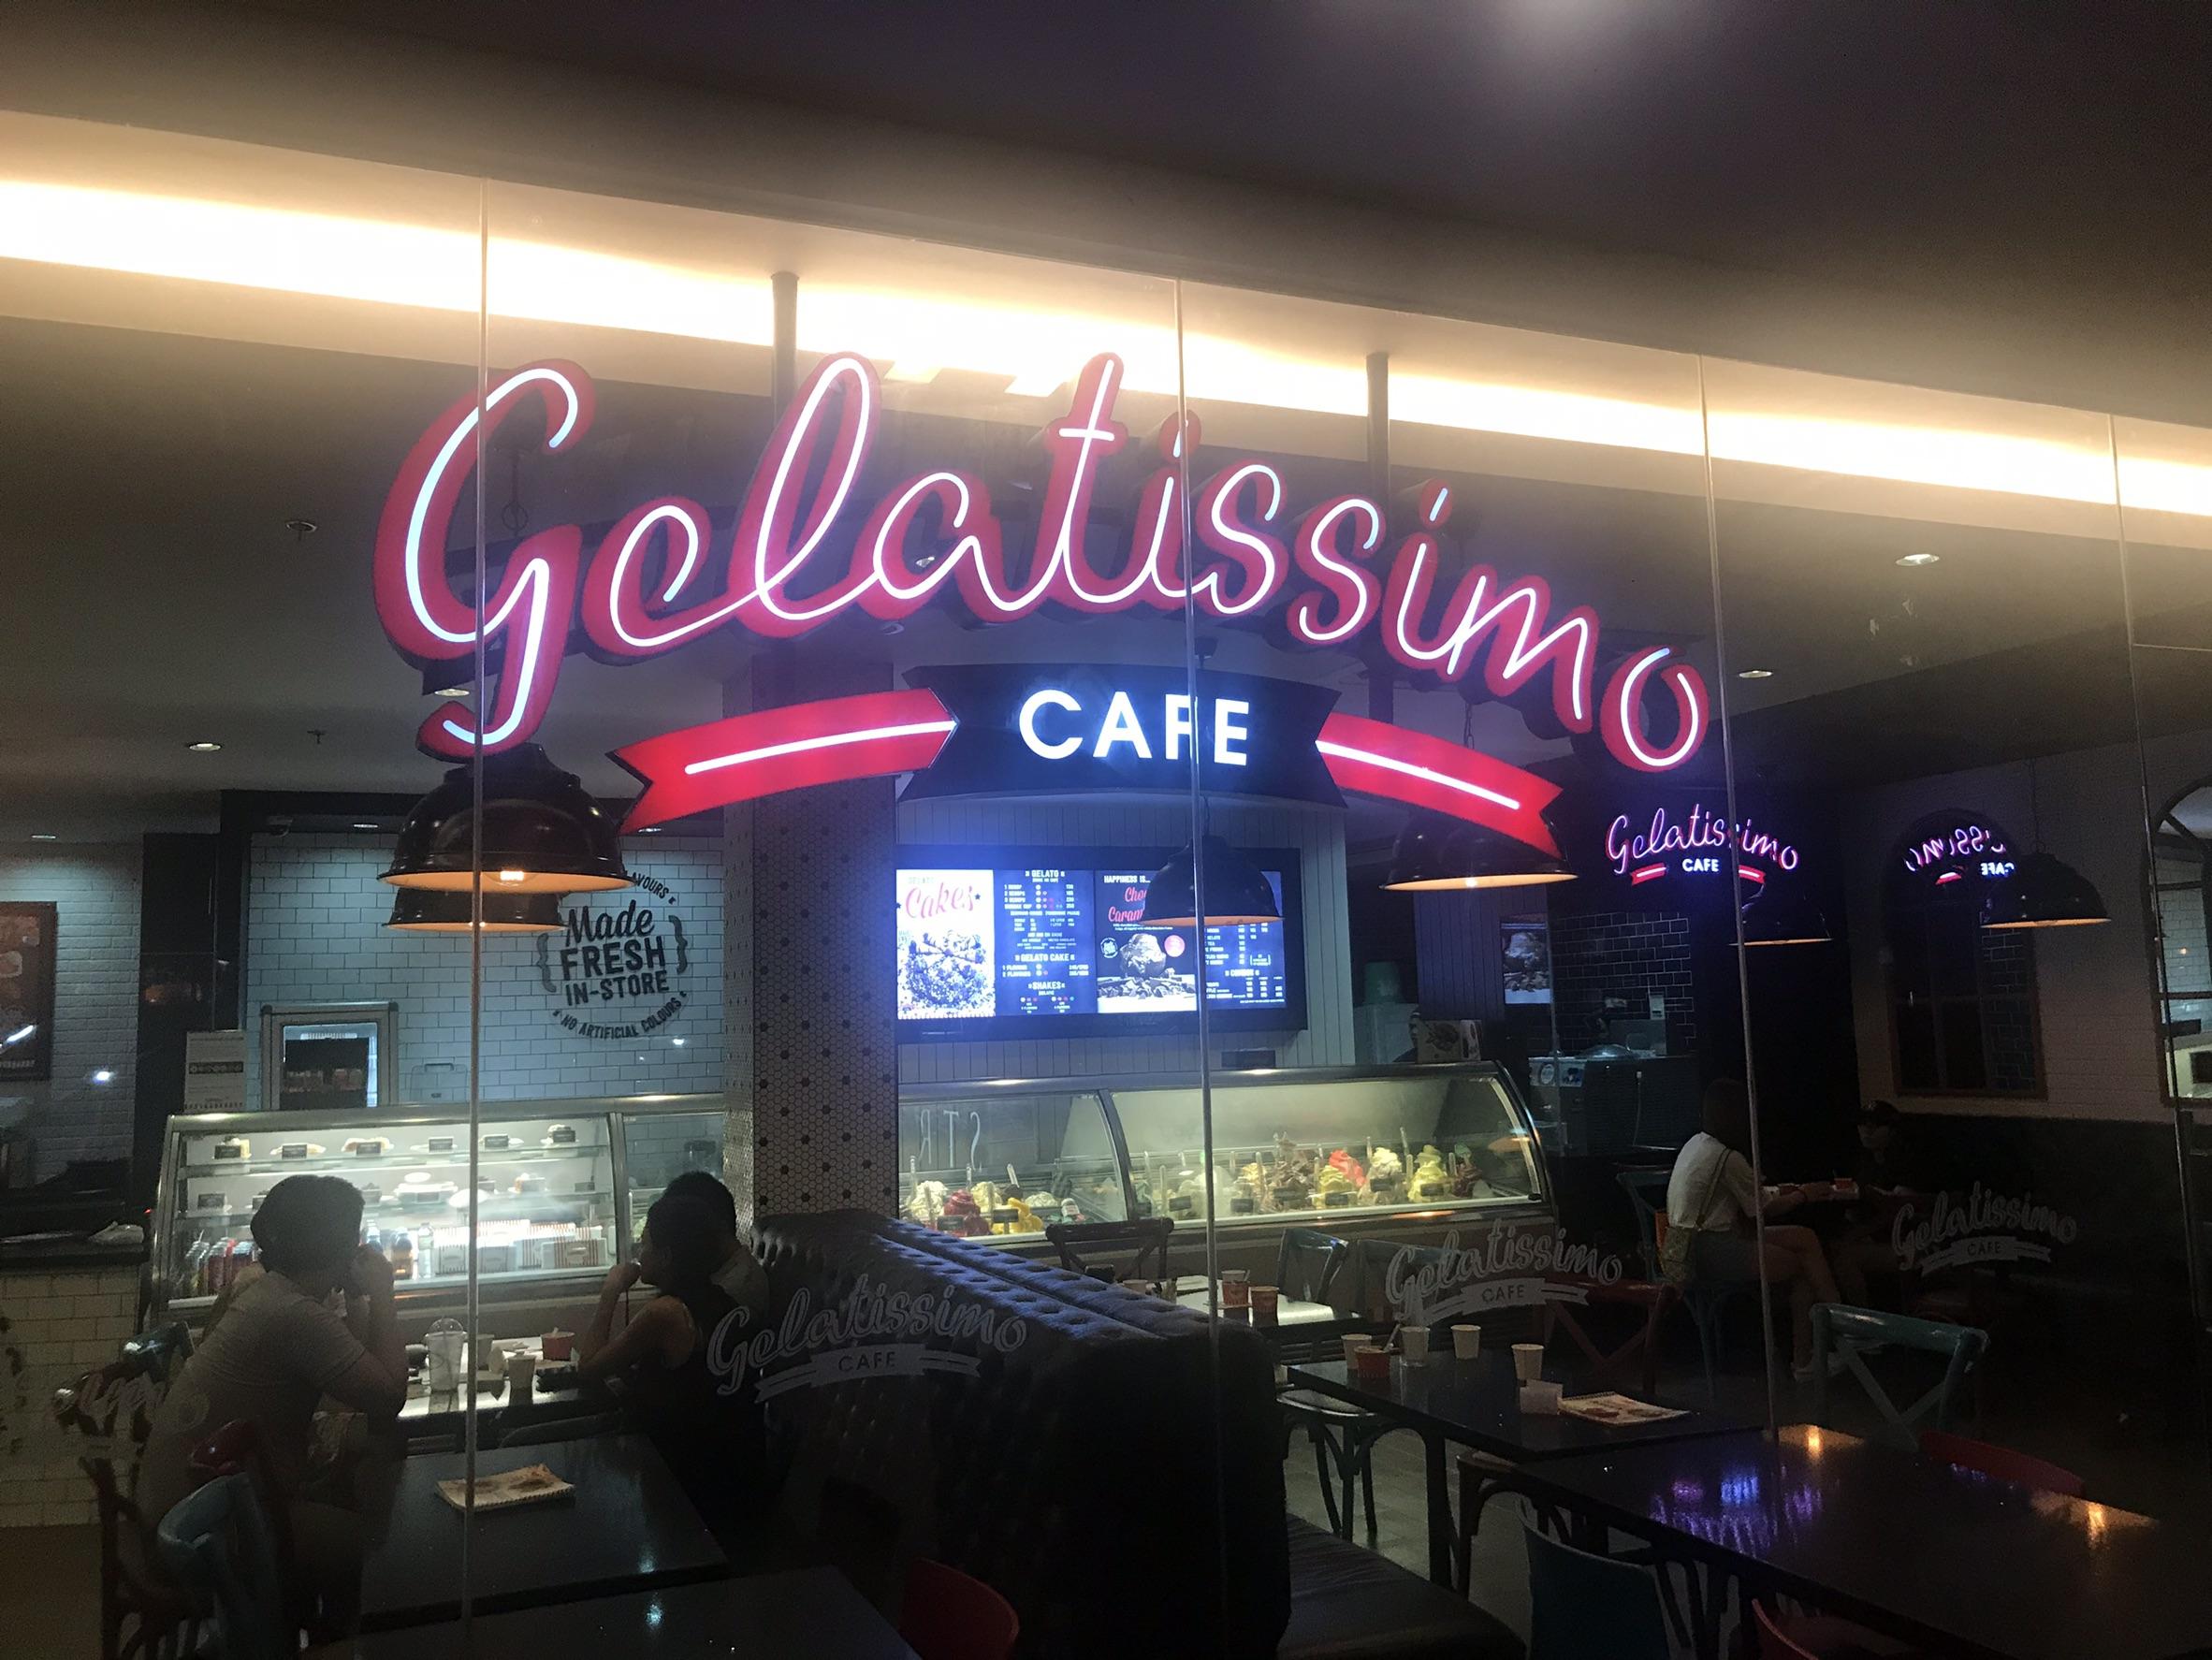 セブ島で本格ジェラートが食べれる「Gelatissimo」